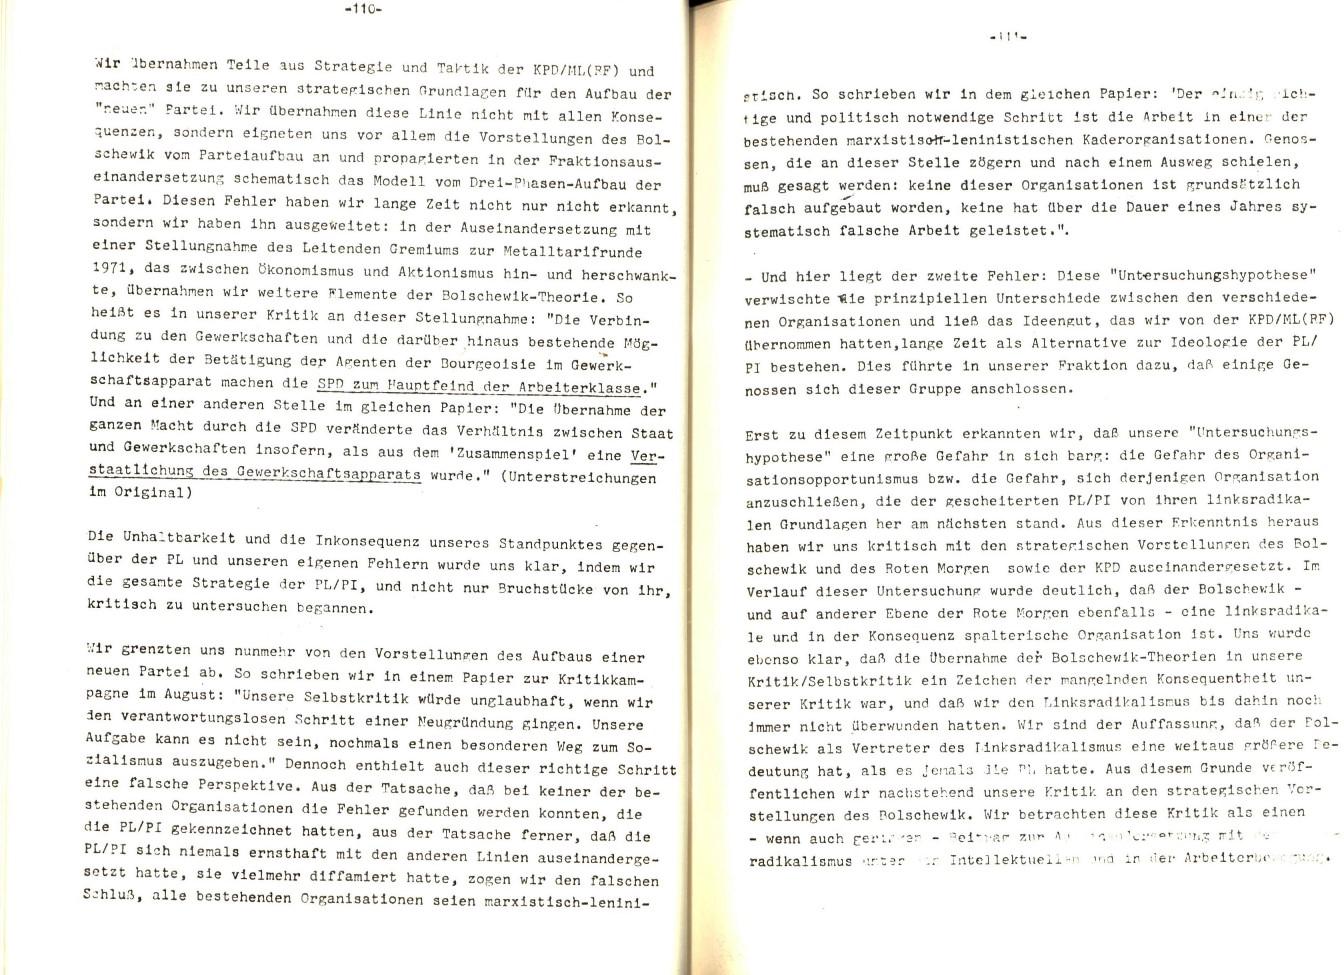 PLPI_1971_Aufloesung_58